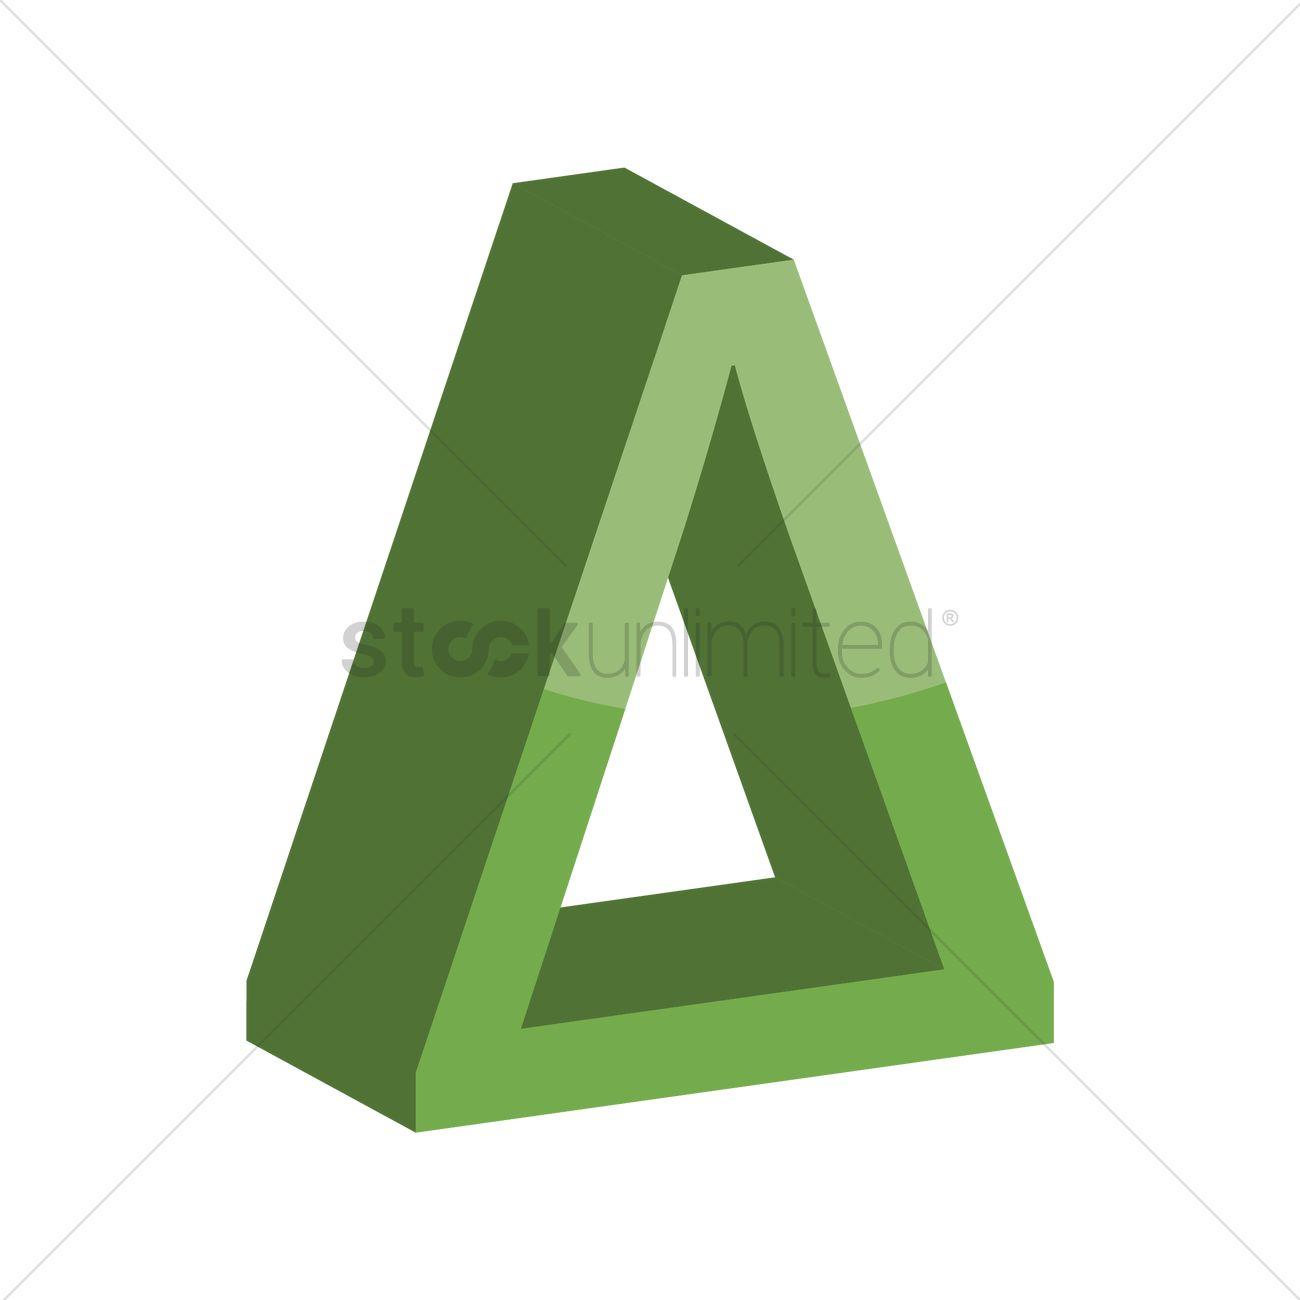 Delta symbol font images symbol and sign ideas delta symbol vector image 1866781 stockunlimited delta symbol vector graphic buycottarizona buycottarizona